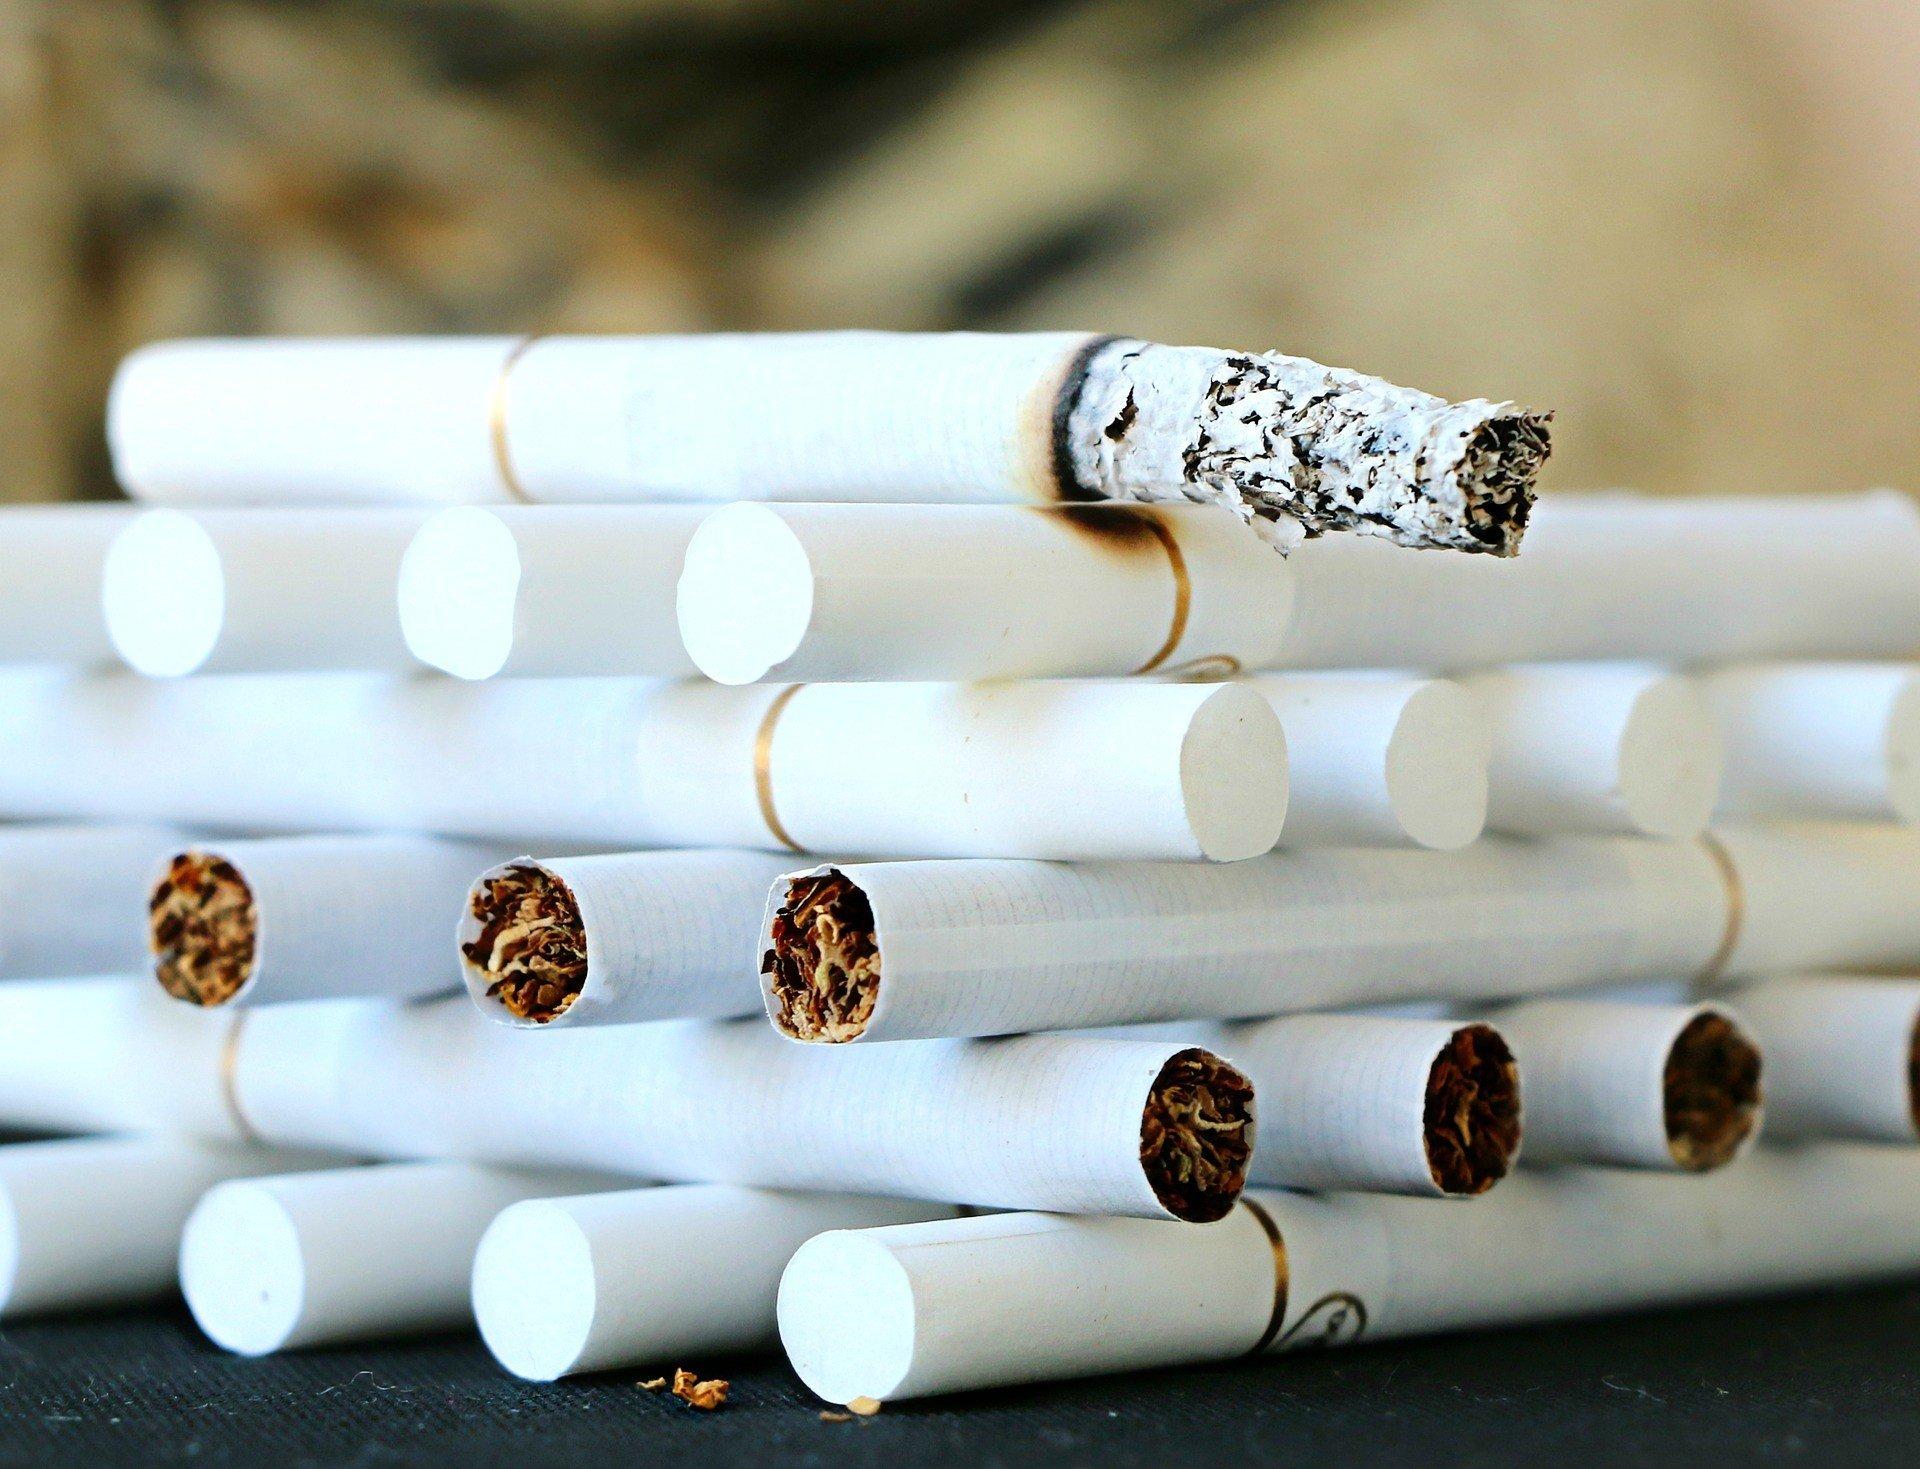 Из-за коронавируса в Турции запретили курить на улице